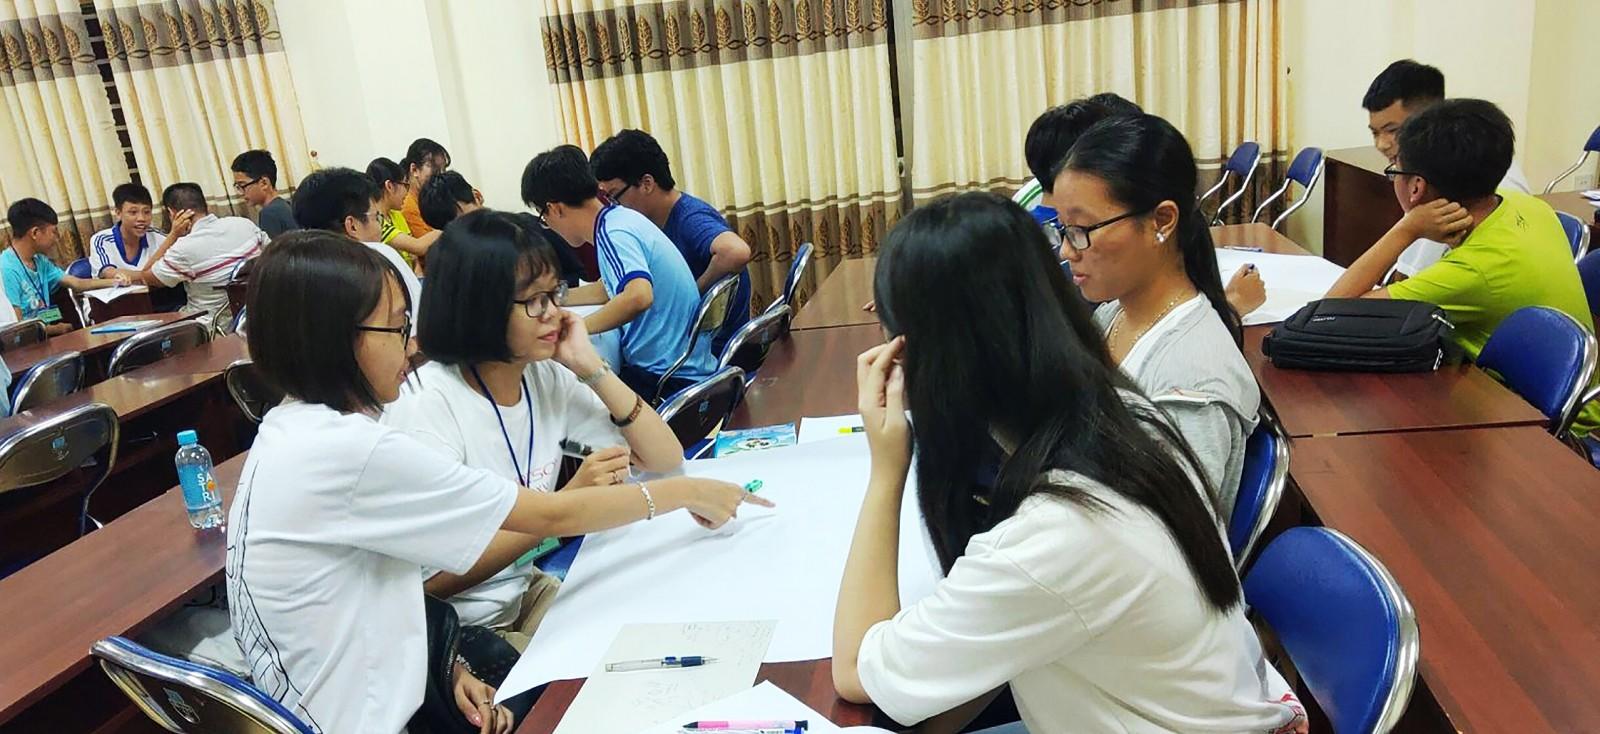 Đoàn viên thanh niên, học sinh tham gia lớp rèn luyện kỹ năng thuyết trình do Đoàn phường Hưng Lợi tổ chức.